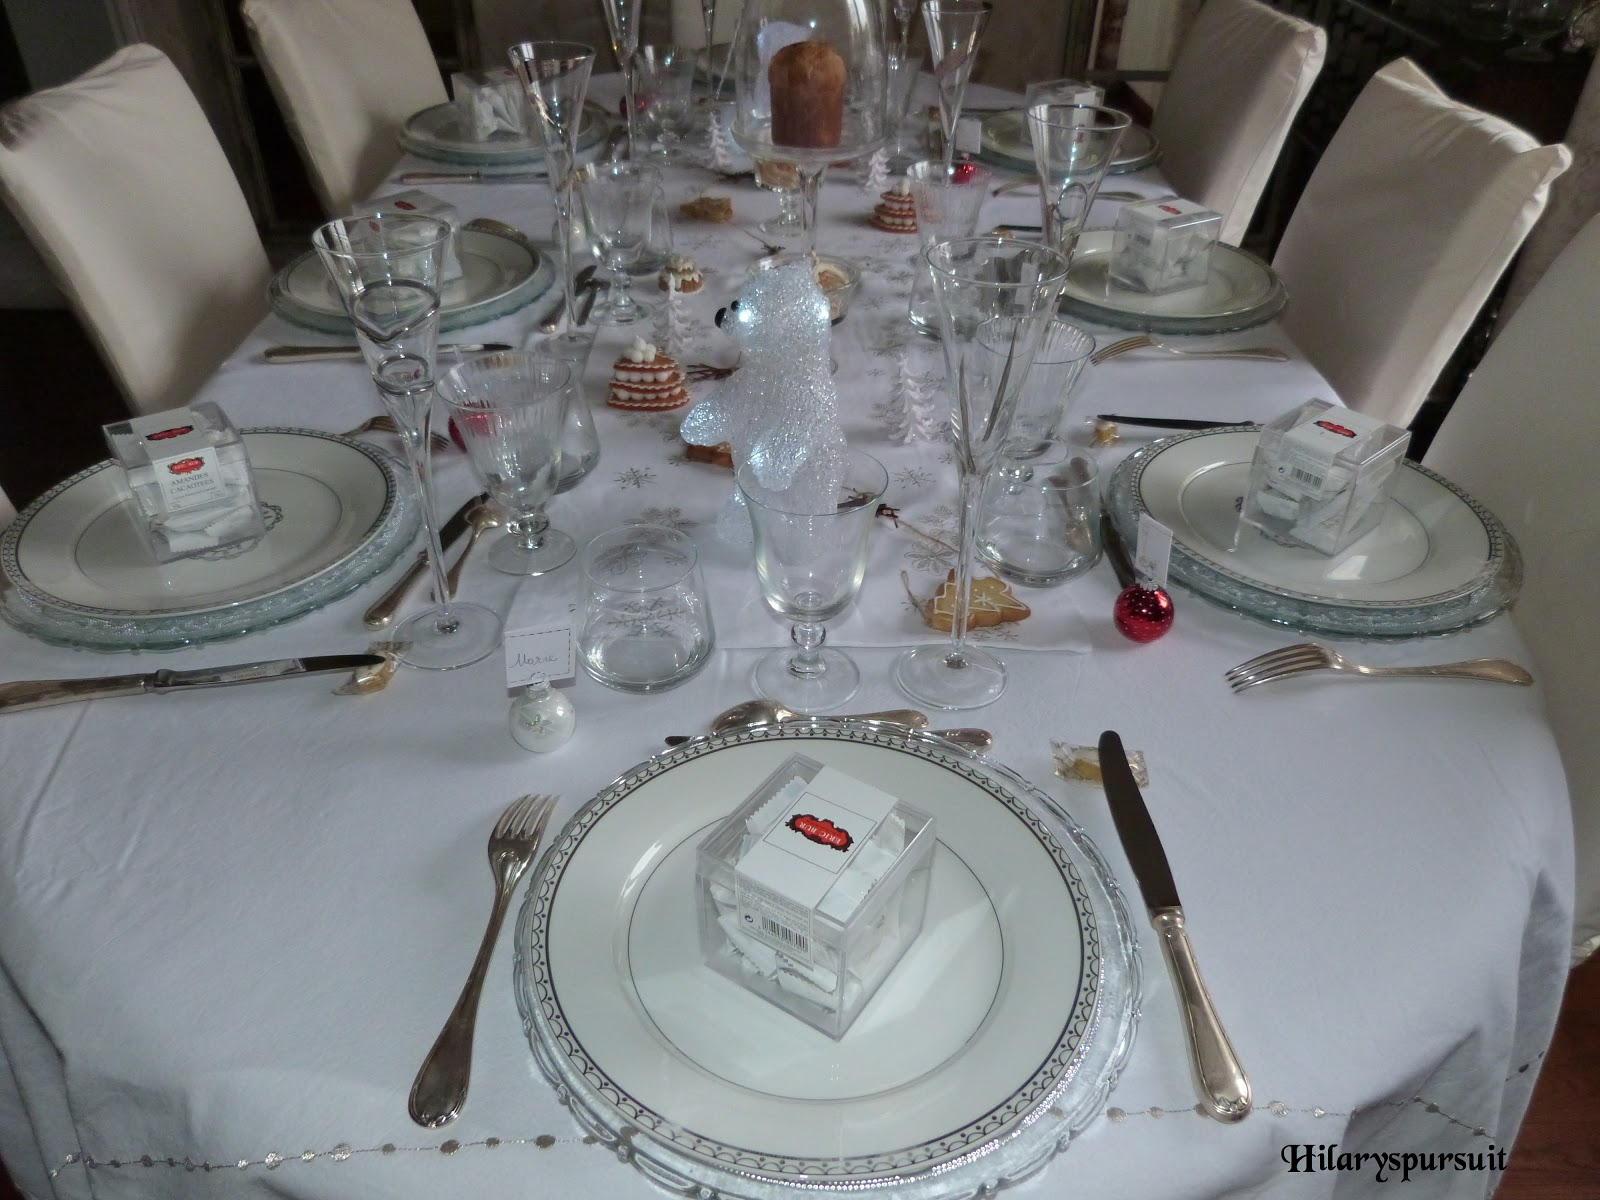 Dans la cuisine d 39 hilary sp cial f tes table de no l d 39 or ou table de no l d 39 argent xmas - Boite a gateau gifi ...